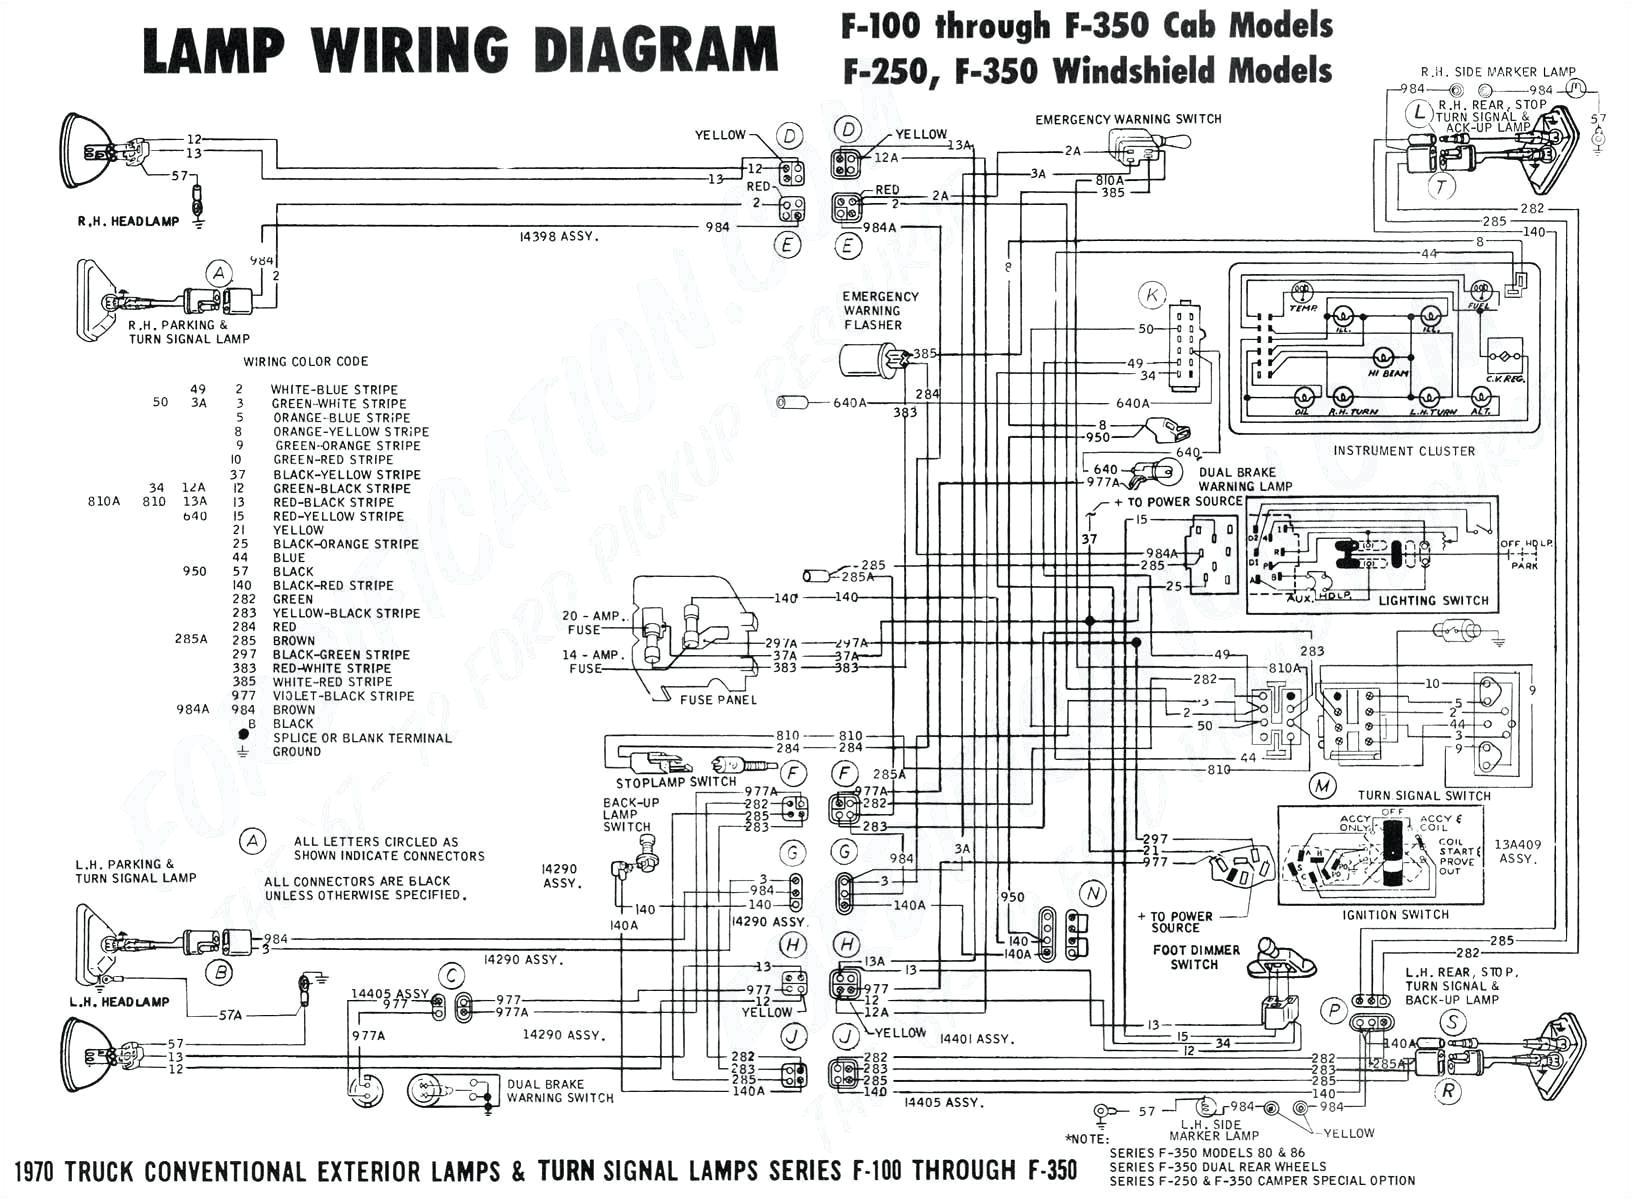 relpol relay wiring diagram new schematic wiring diagram check please guitarnutz 2 wire data schema